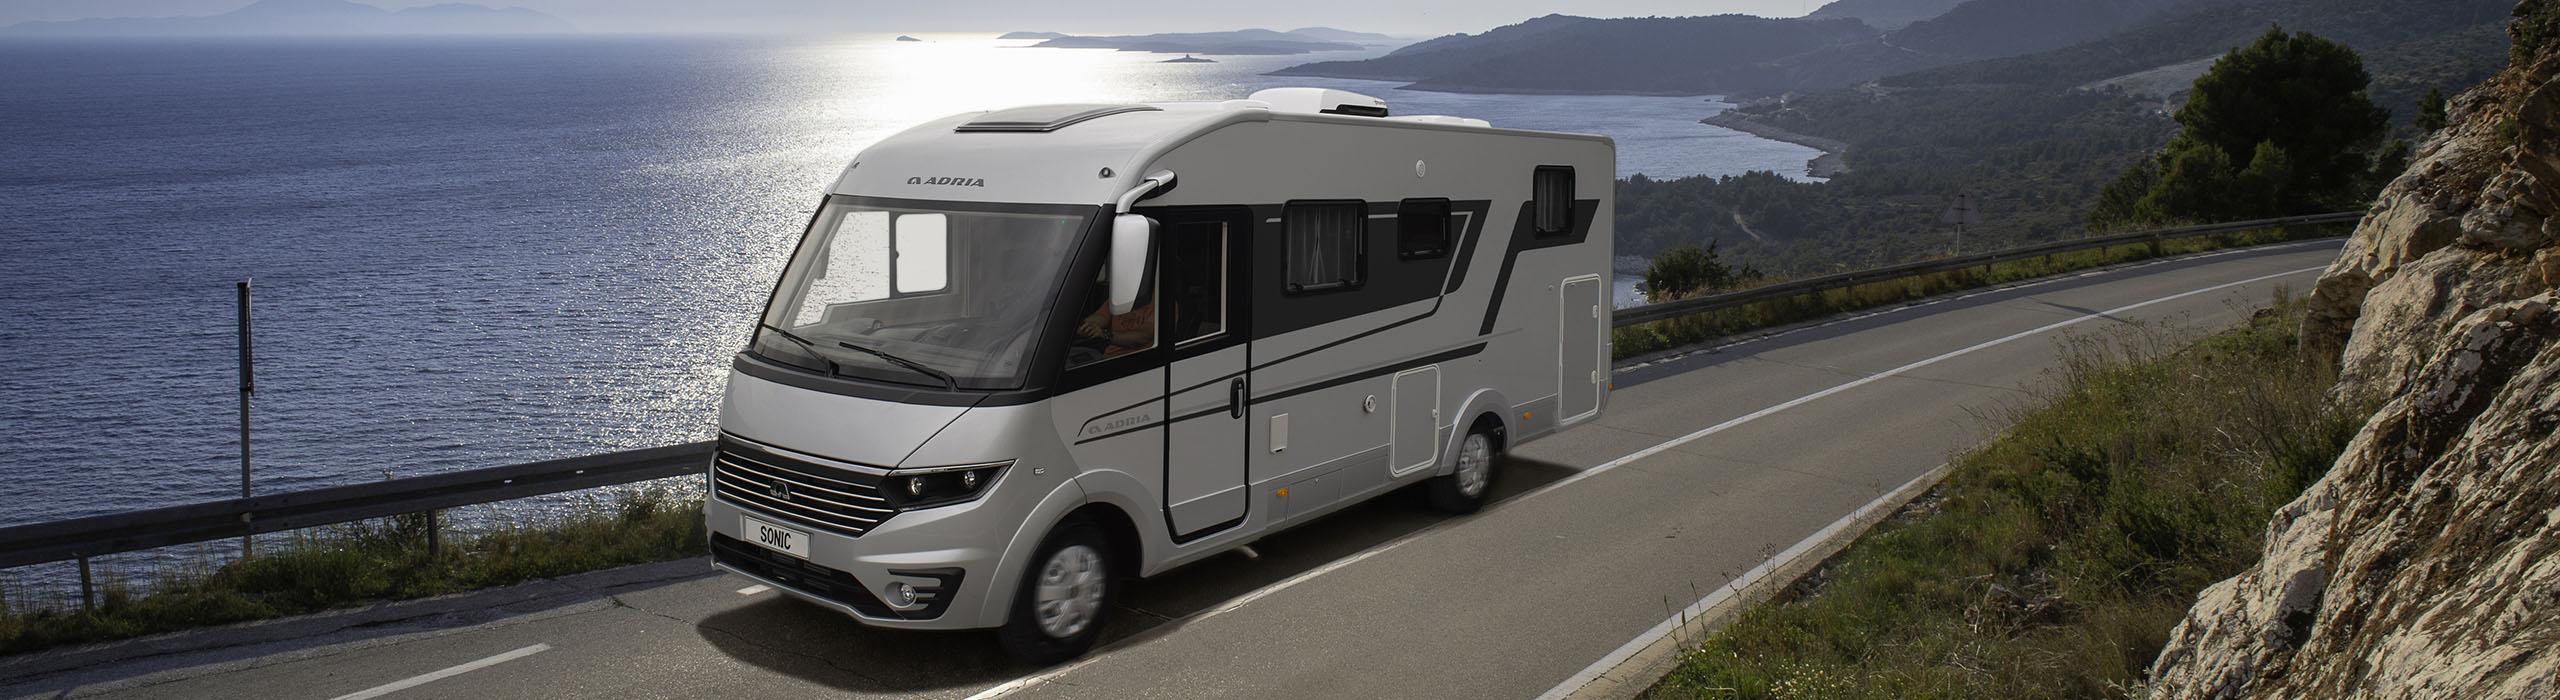 Adria campers 2021, Adria Sonic, Ad